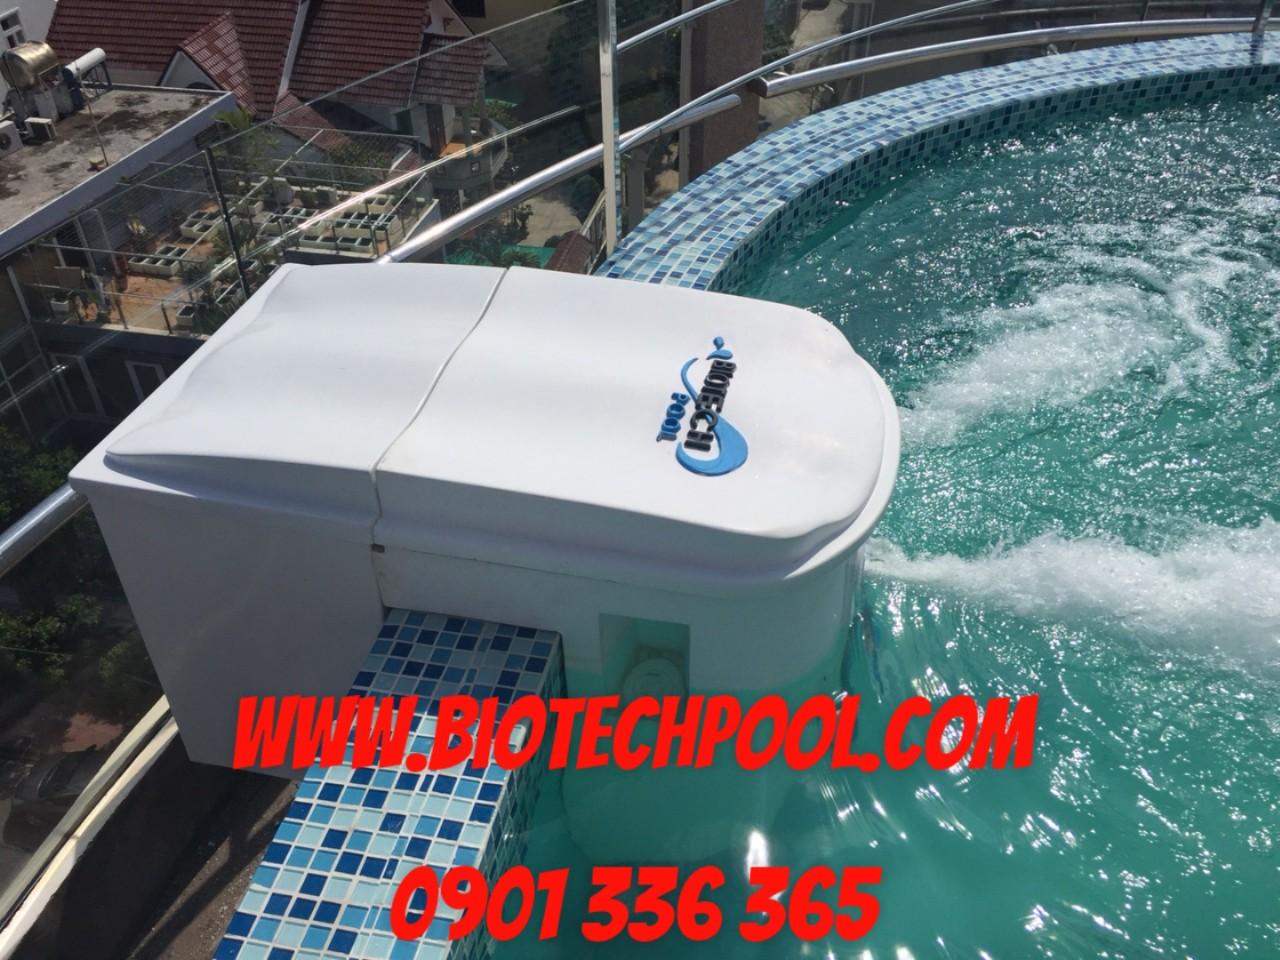 Máy gác thành hồ tiện ích, máy lọc gác thành hồ thông minh Biotechpool, máy lọc gác thành,máy lọc hồ bơi thông minh